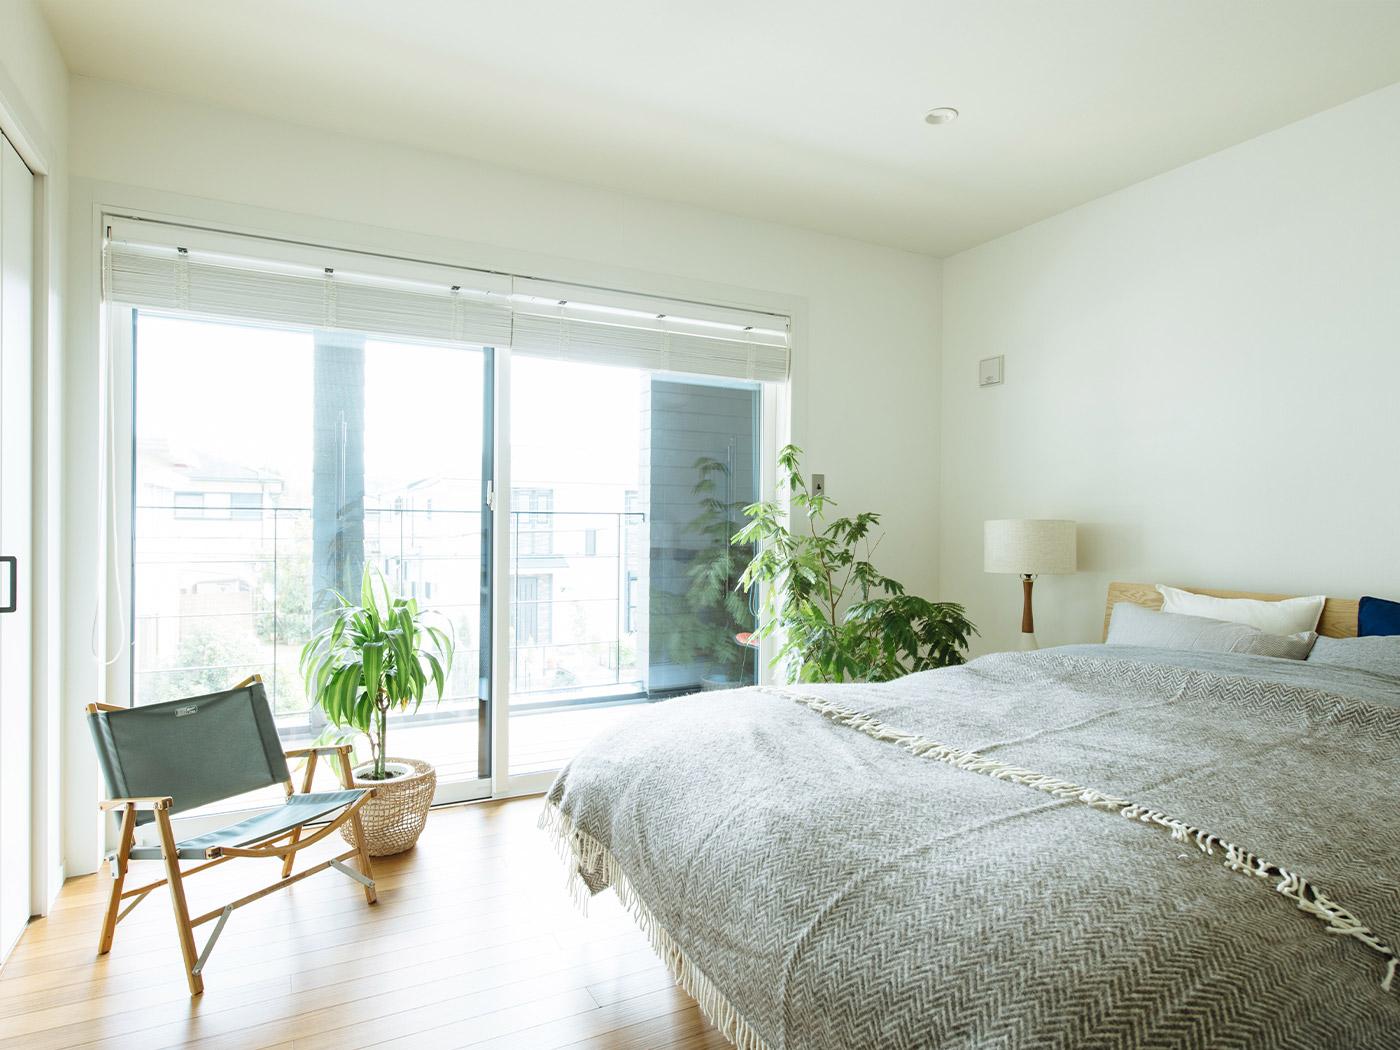 グリーンが映える明るい寝室。